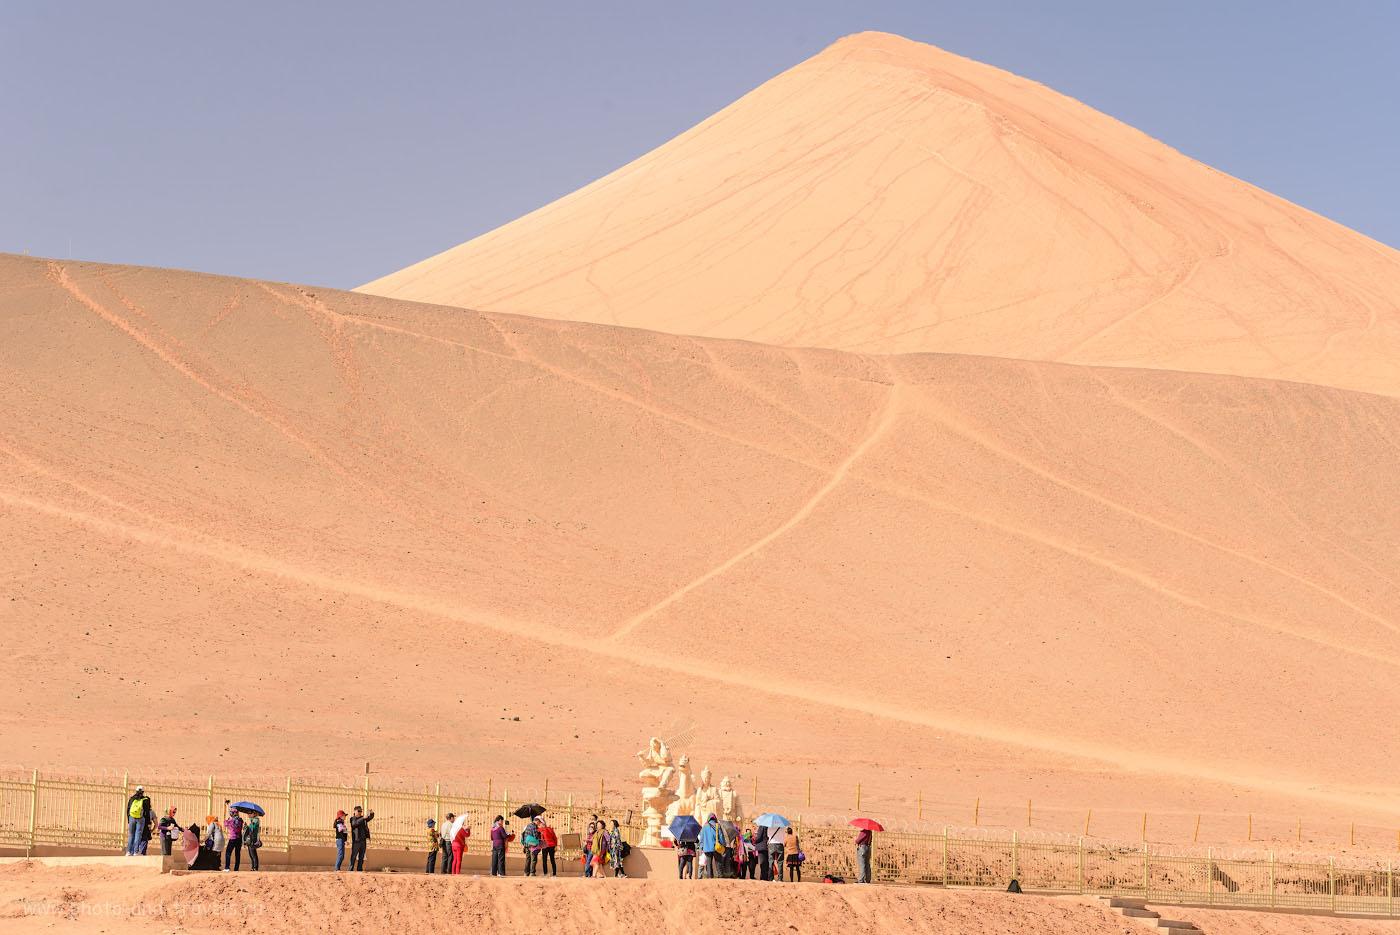 Фото 5. Китайские туристы на фоне горы возле пещер Безеклик. Отзыв об экскурсиях в Турфане. Поездка в Китай самостоятельно. 1/160, +1.0, 8.0, 200, 70.